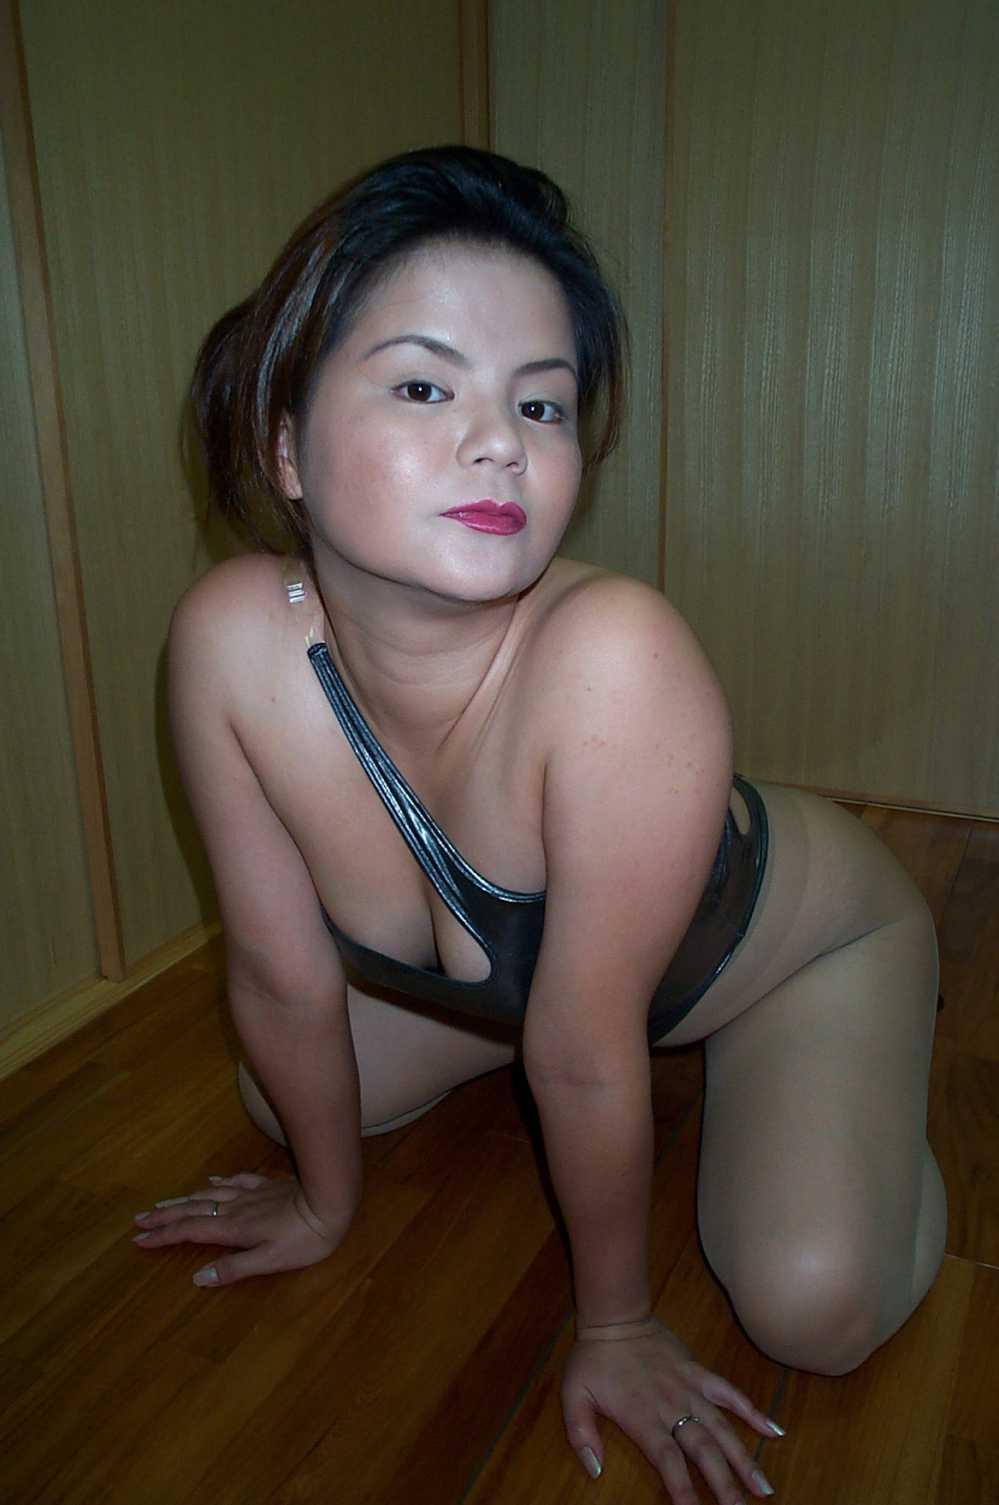 ママさん若妻人妻不倫ラブホテル流出セックスエロ画像33枚目